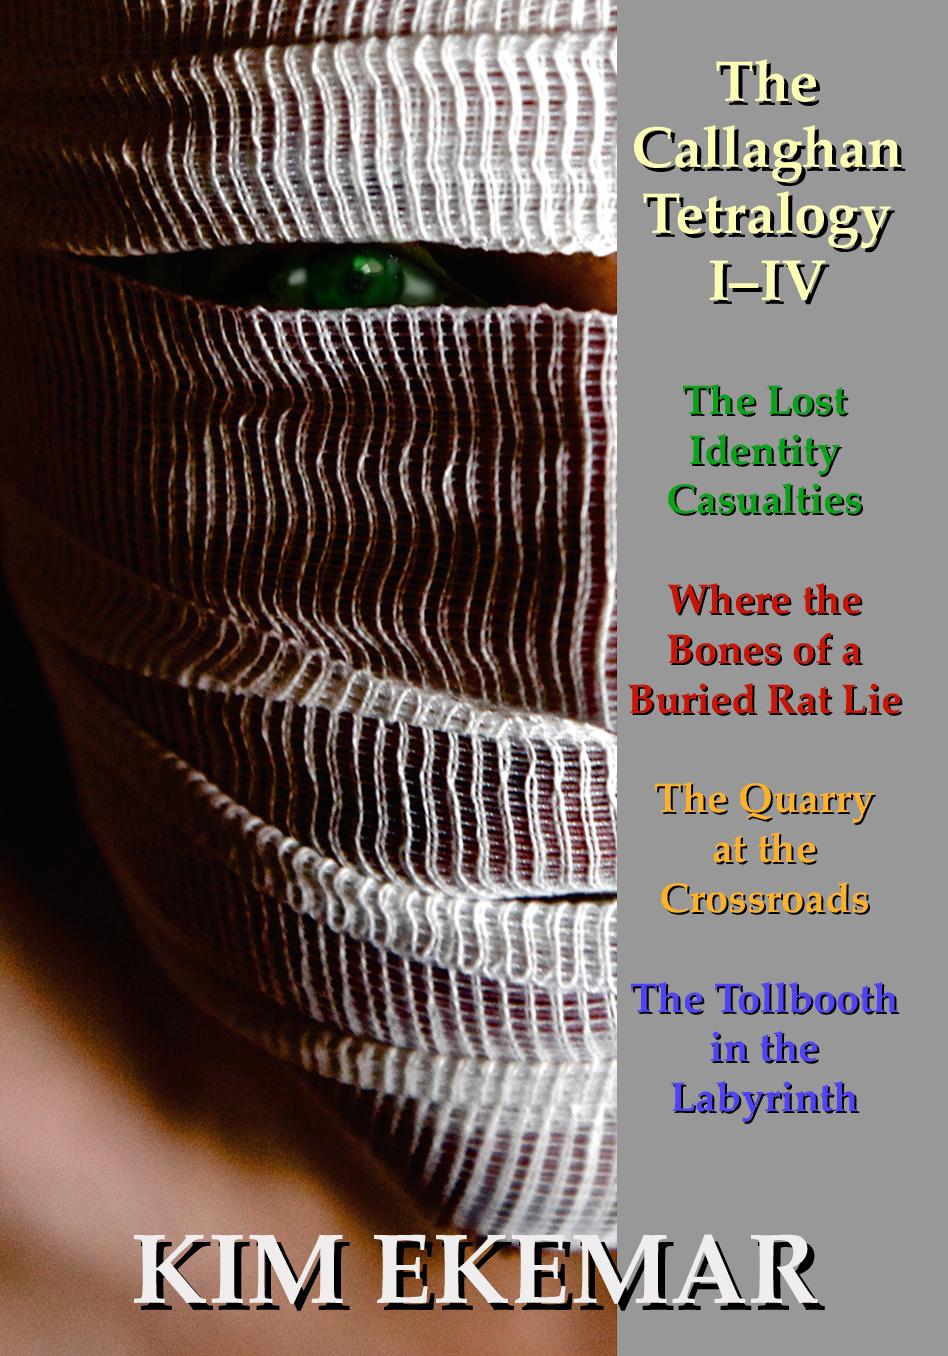 180529 EBOOK The Callaghan Tetralogy.jpg